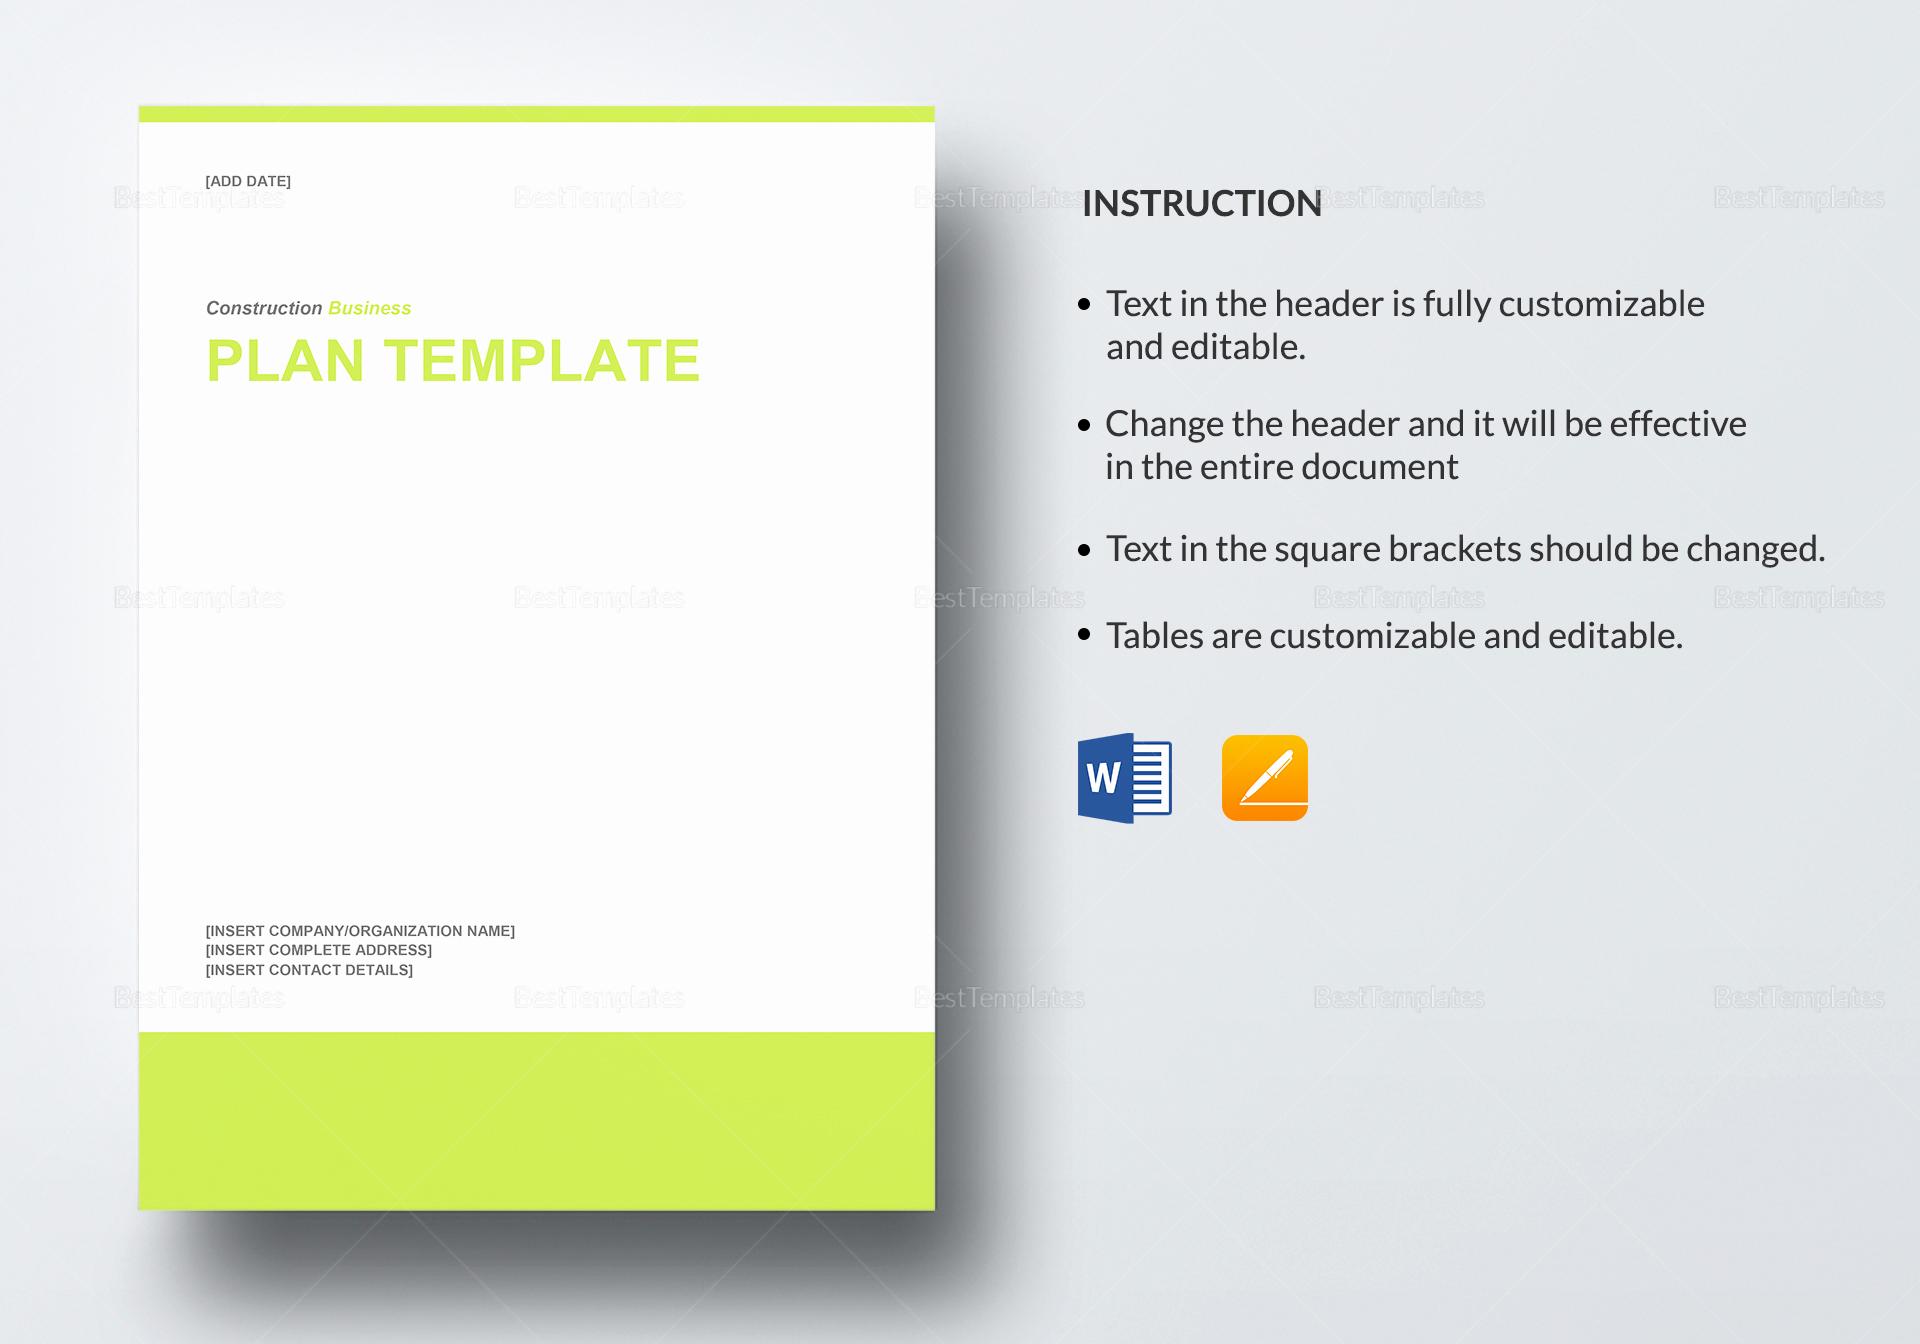 Google Docs Business Plan Template Inspirational Construction Business Plan Template In Word Google Docs